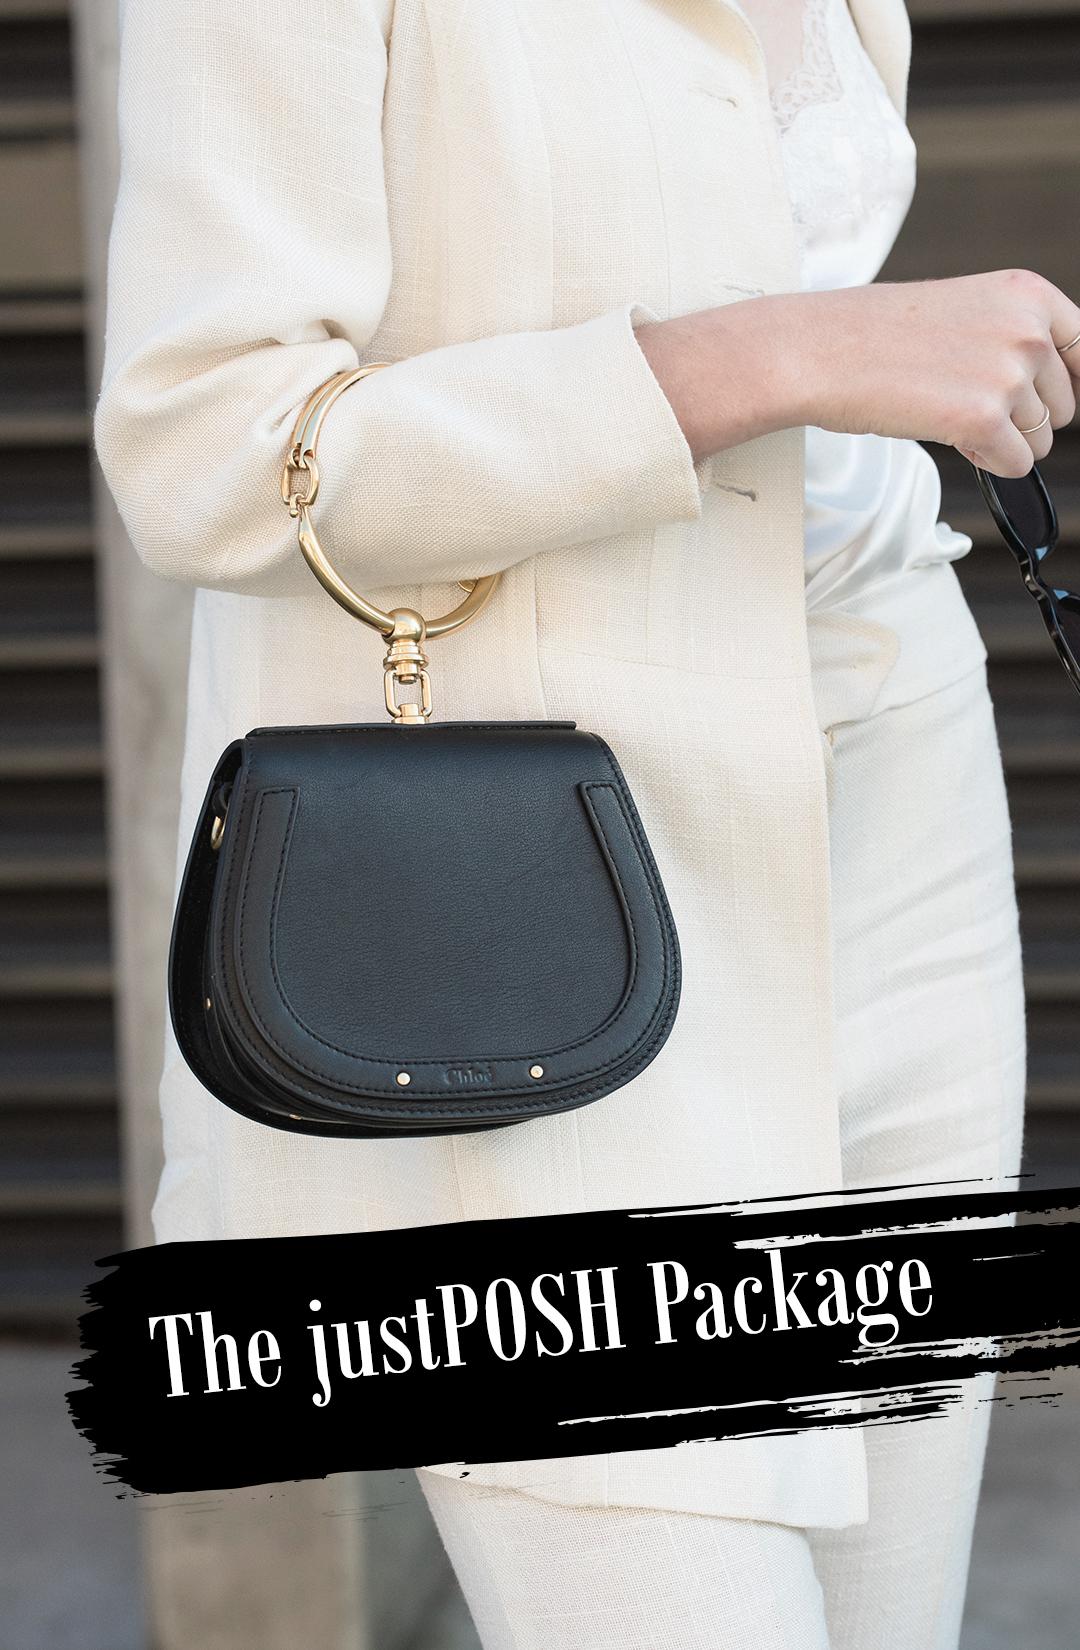 The justPOSH Package.jpg